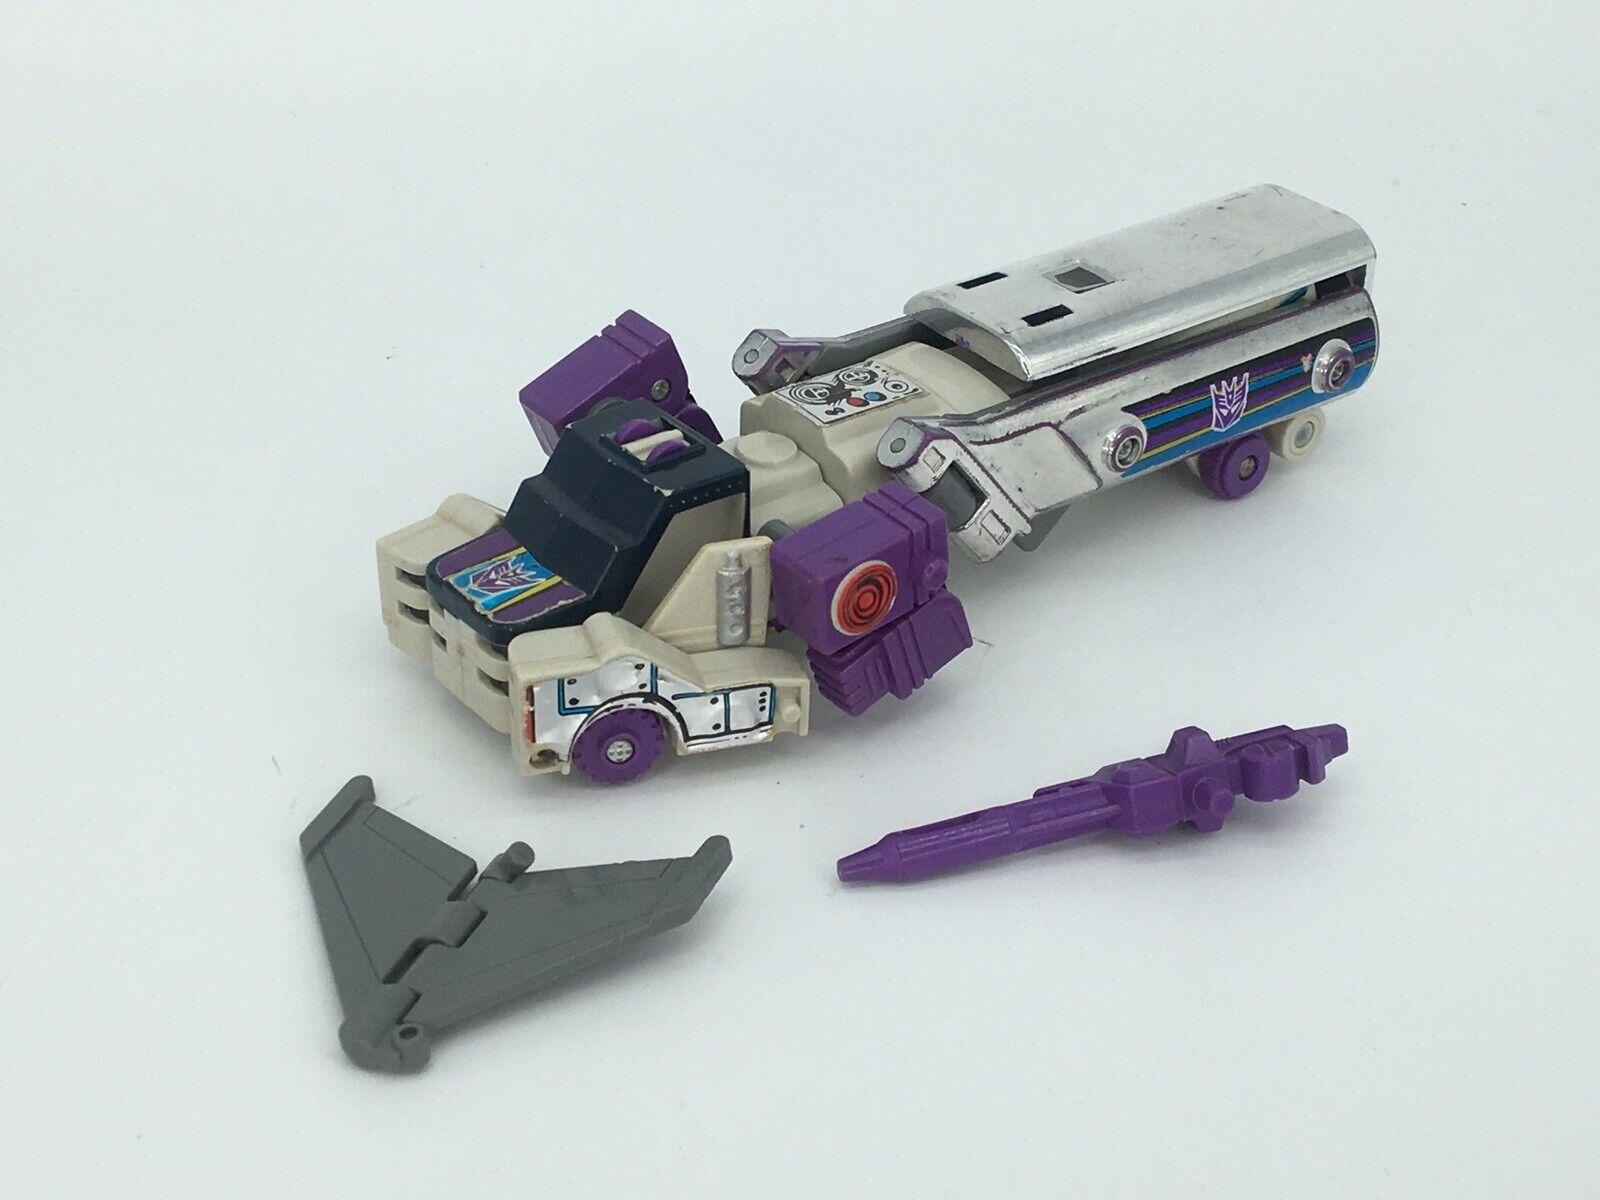 Hasbro Transformers G1 Octane Trasformatore  completo, dei Decepticon, vintage  prezzo basso